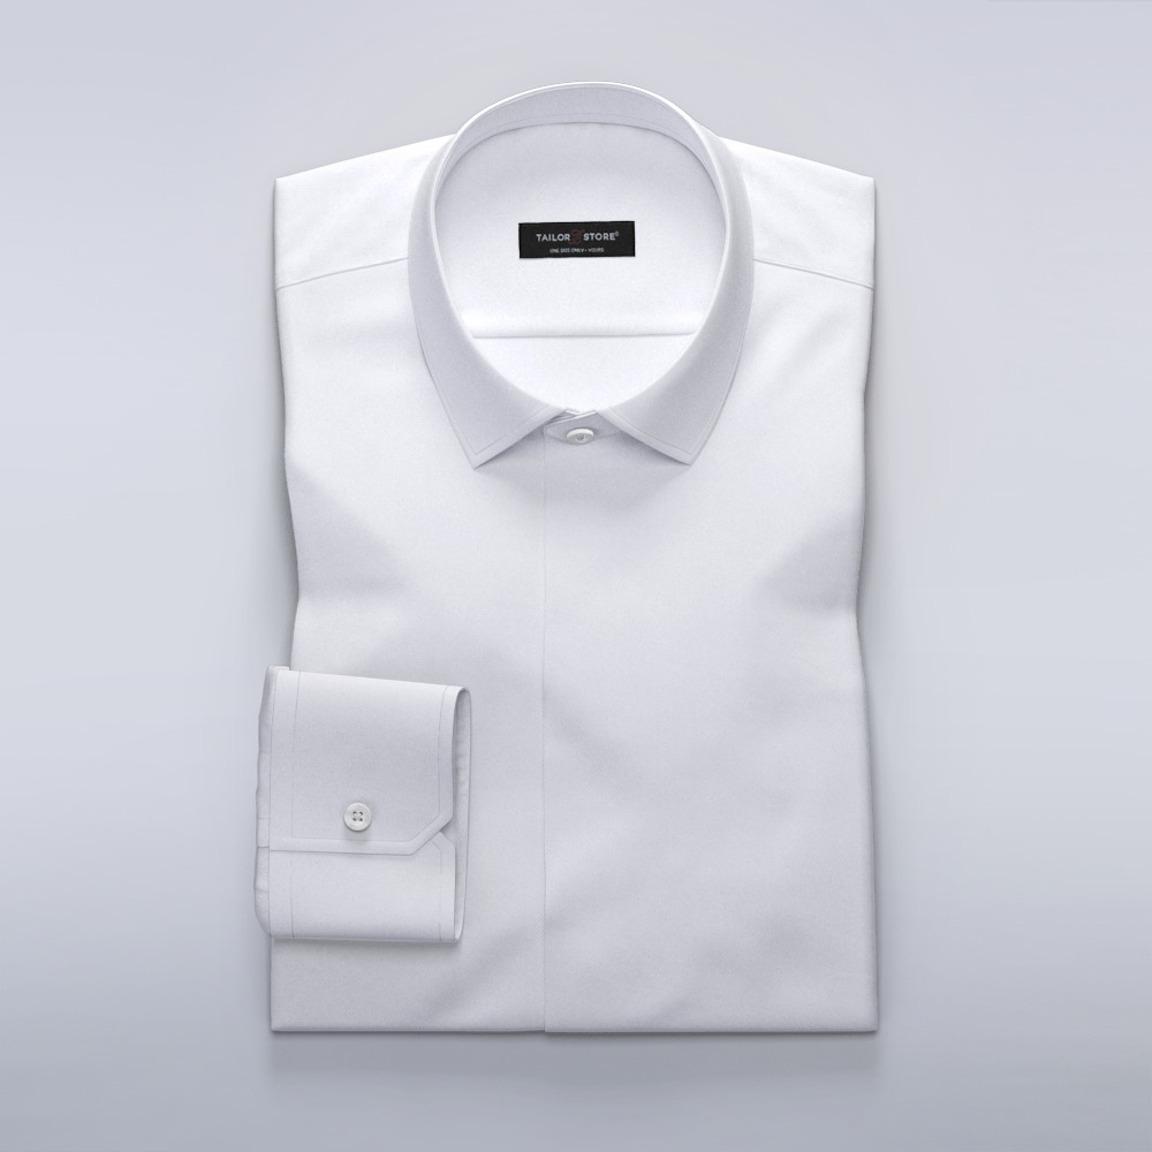 Biała koszula damska w jodełkę